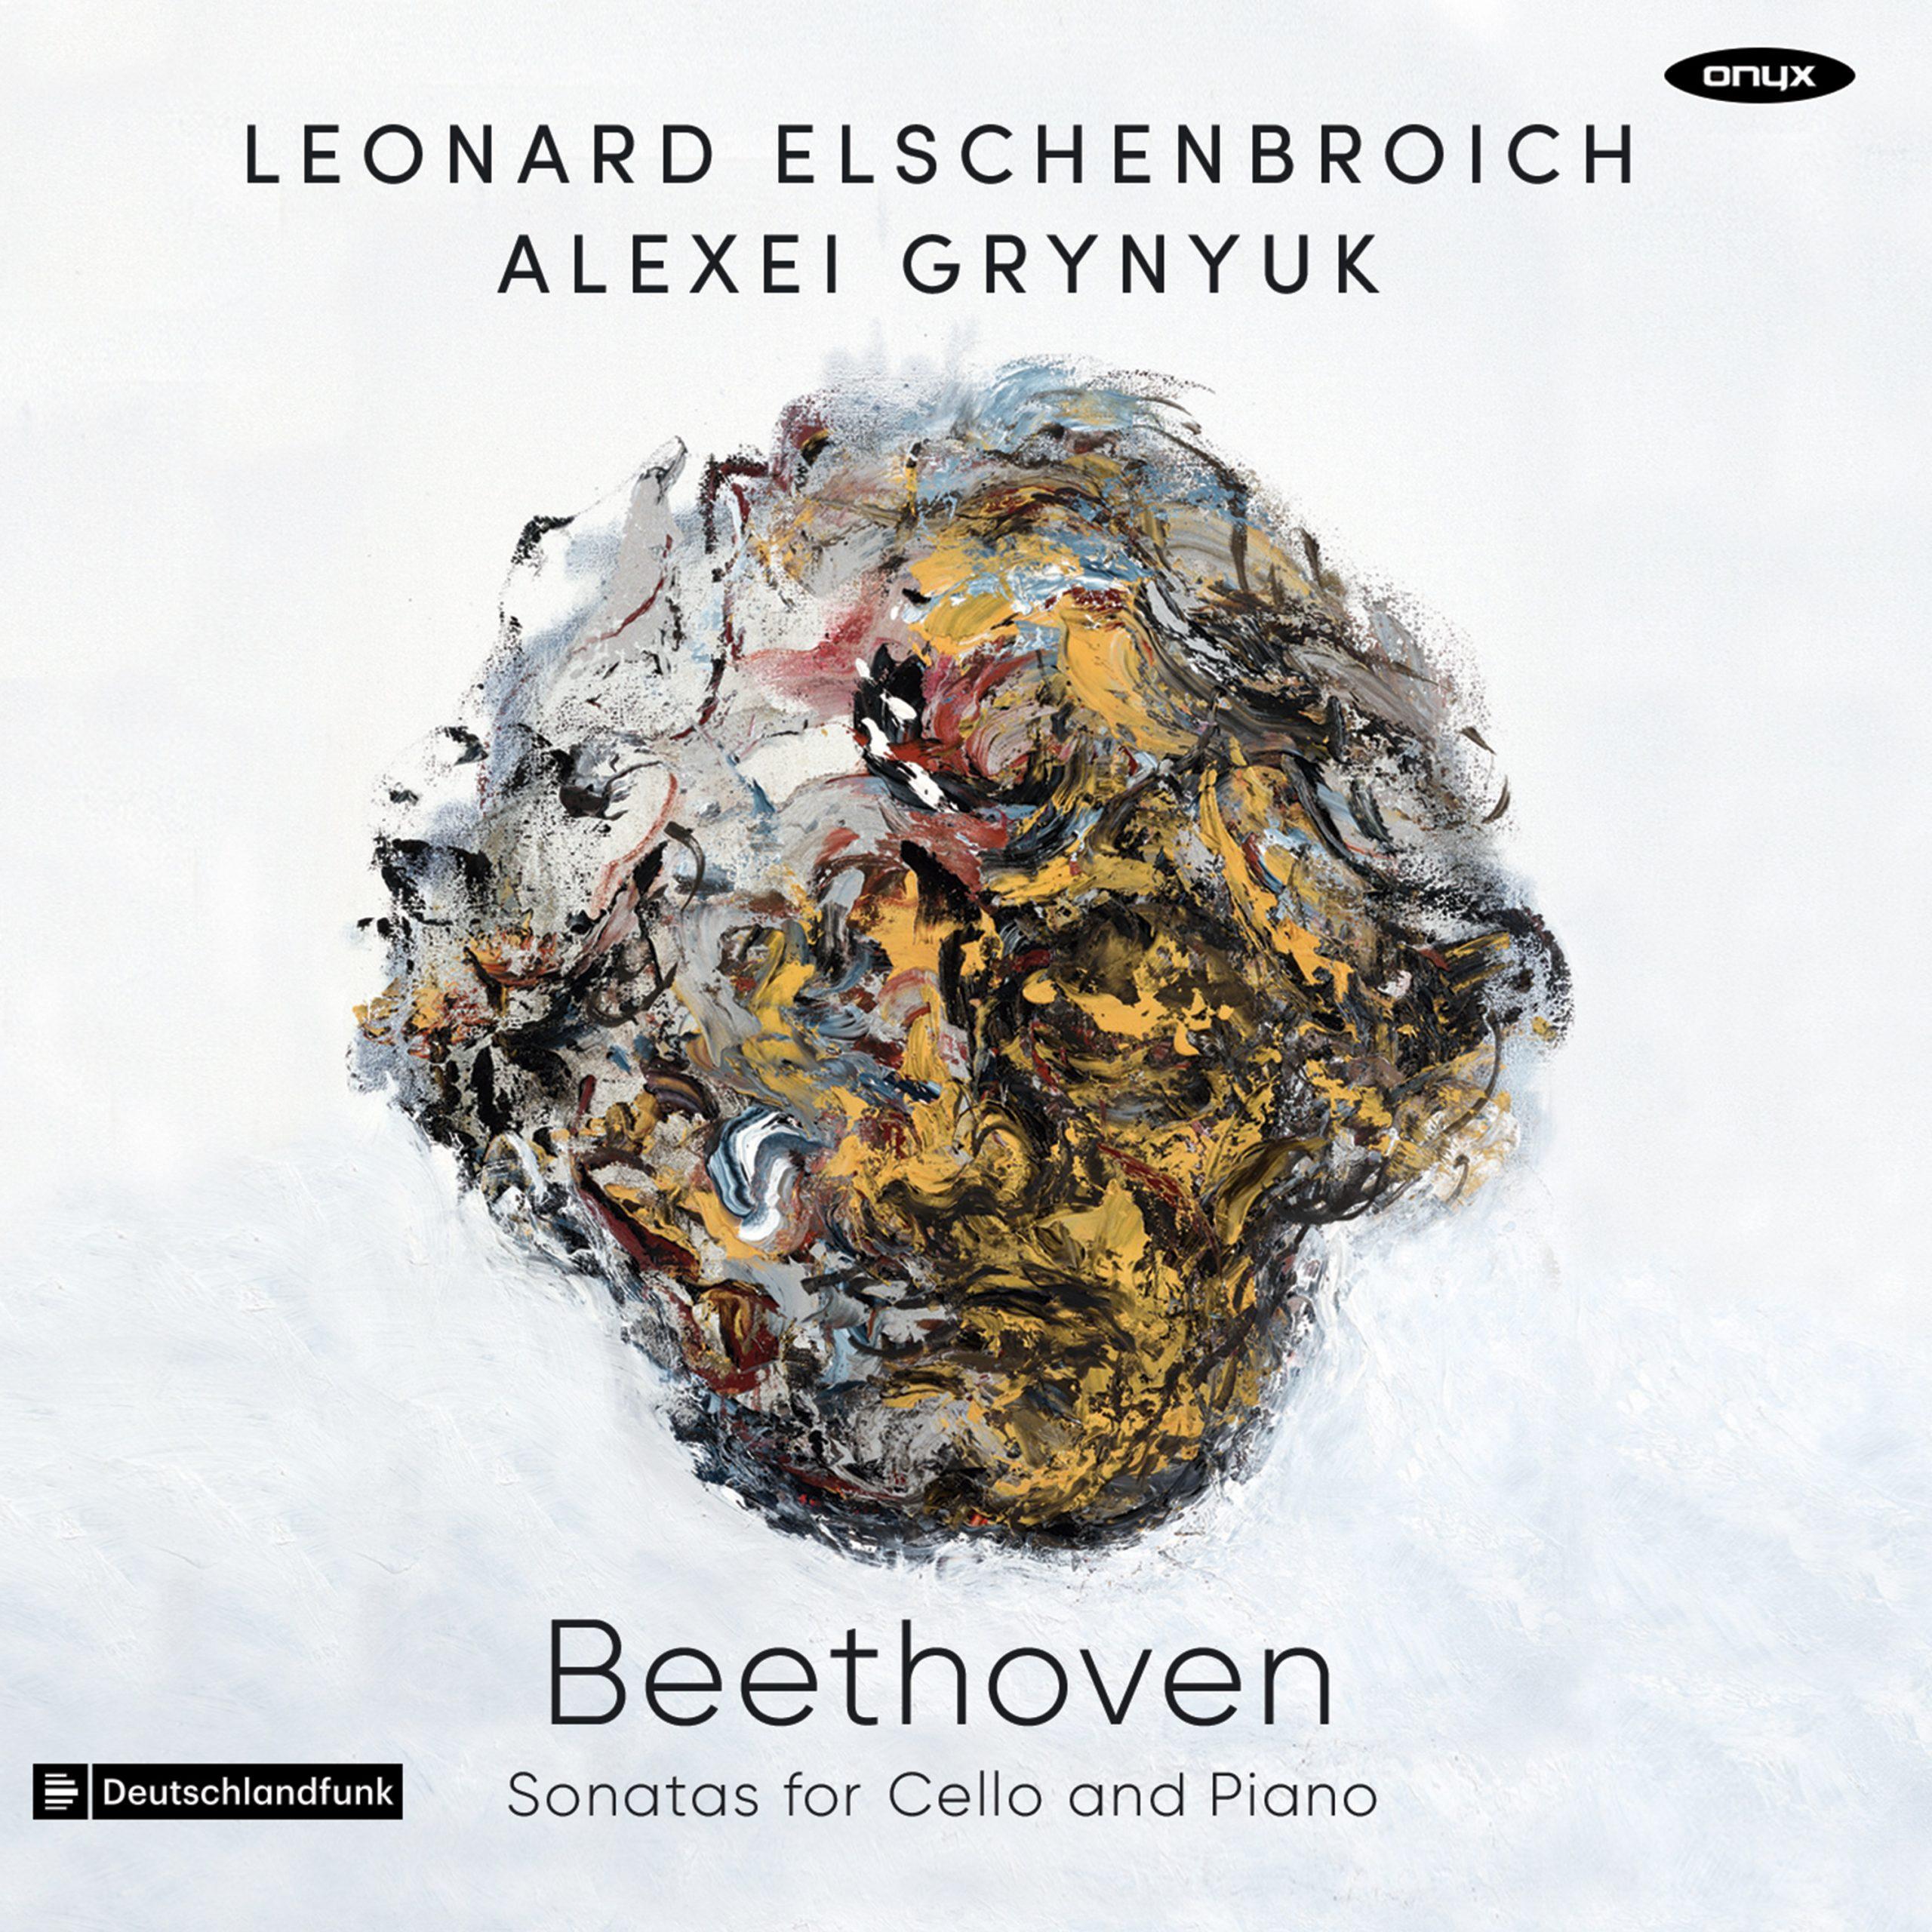 613Leonard Elschenbroich